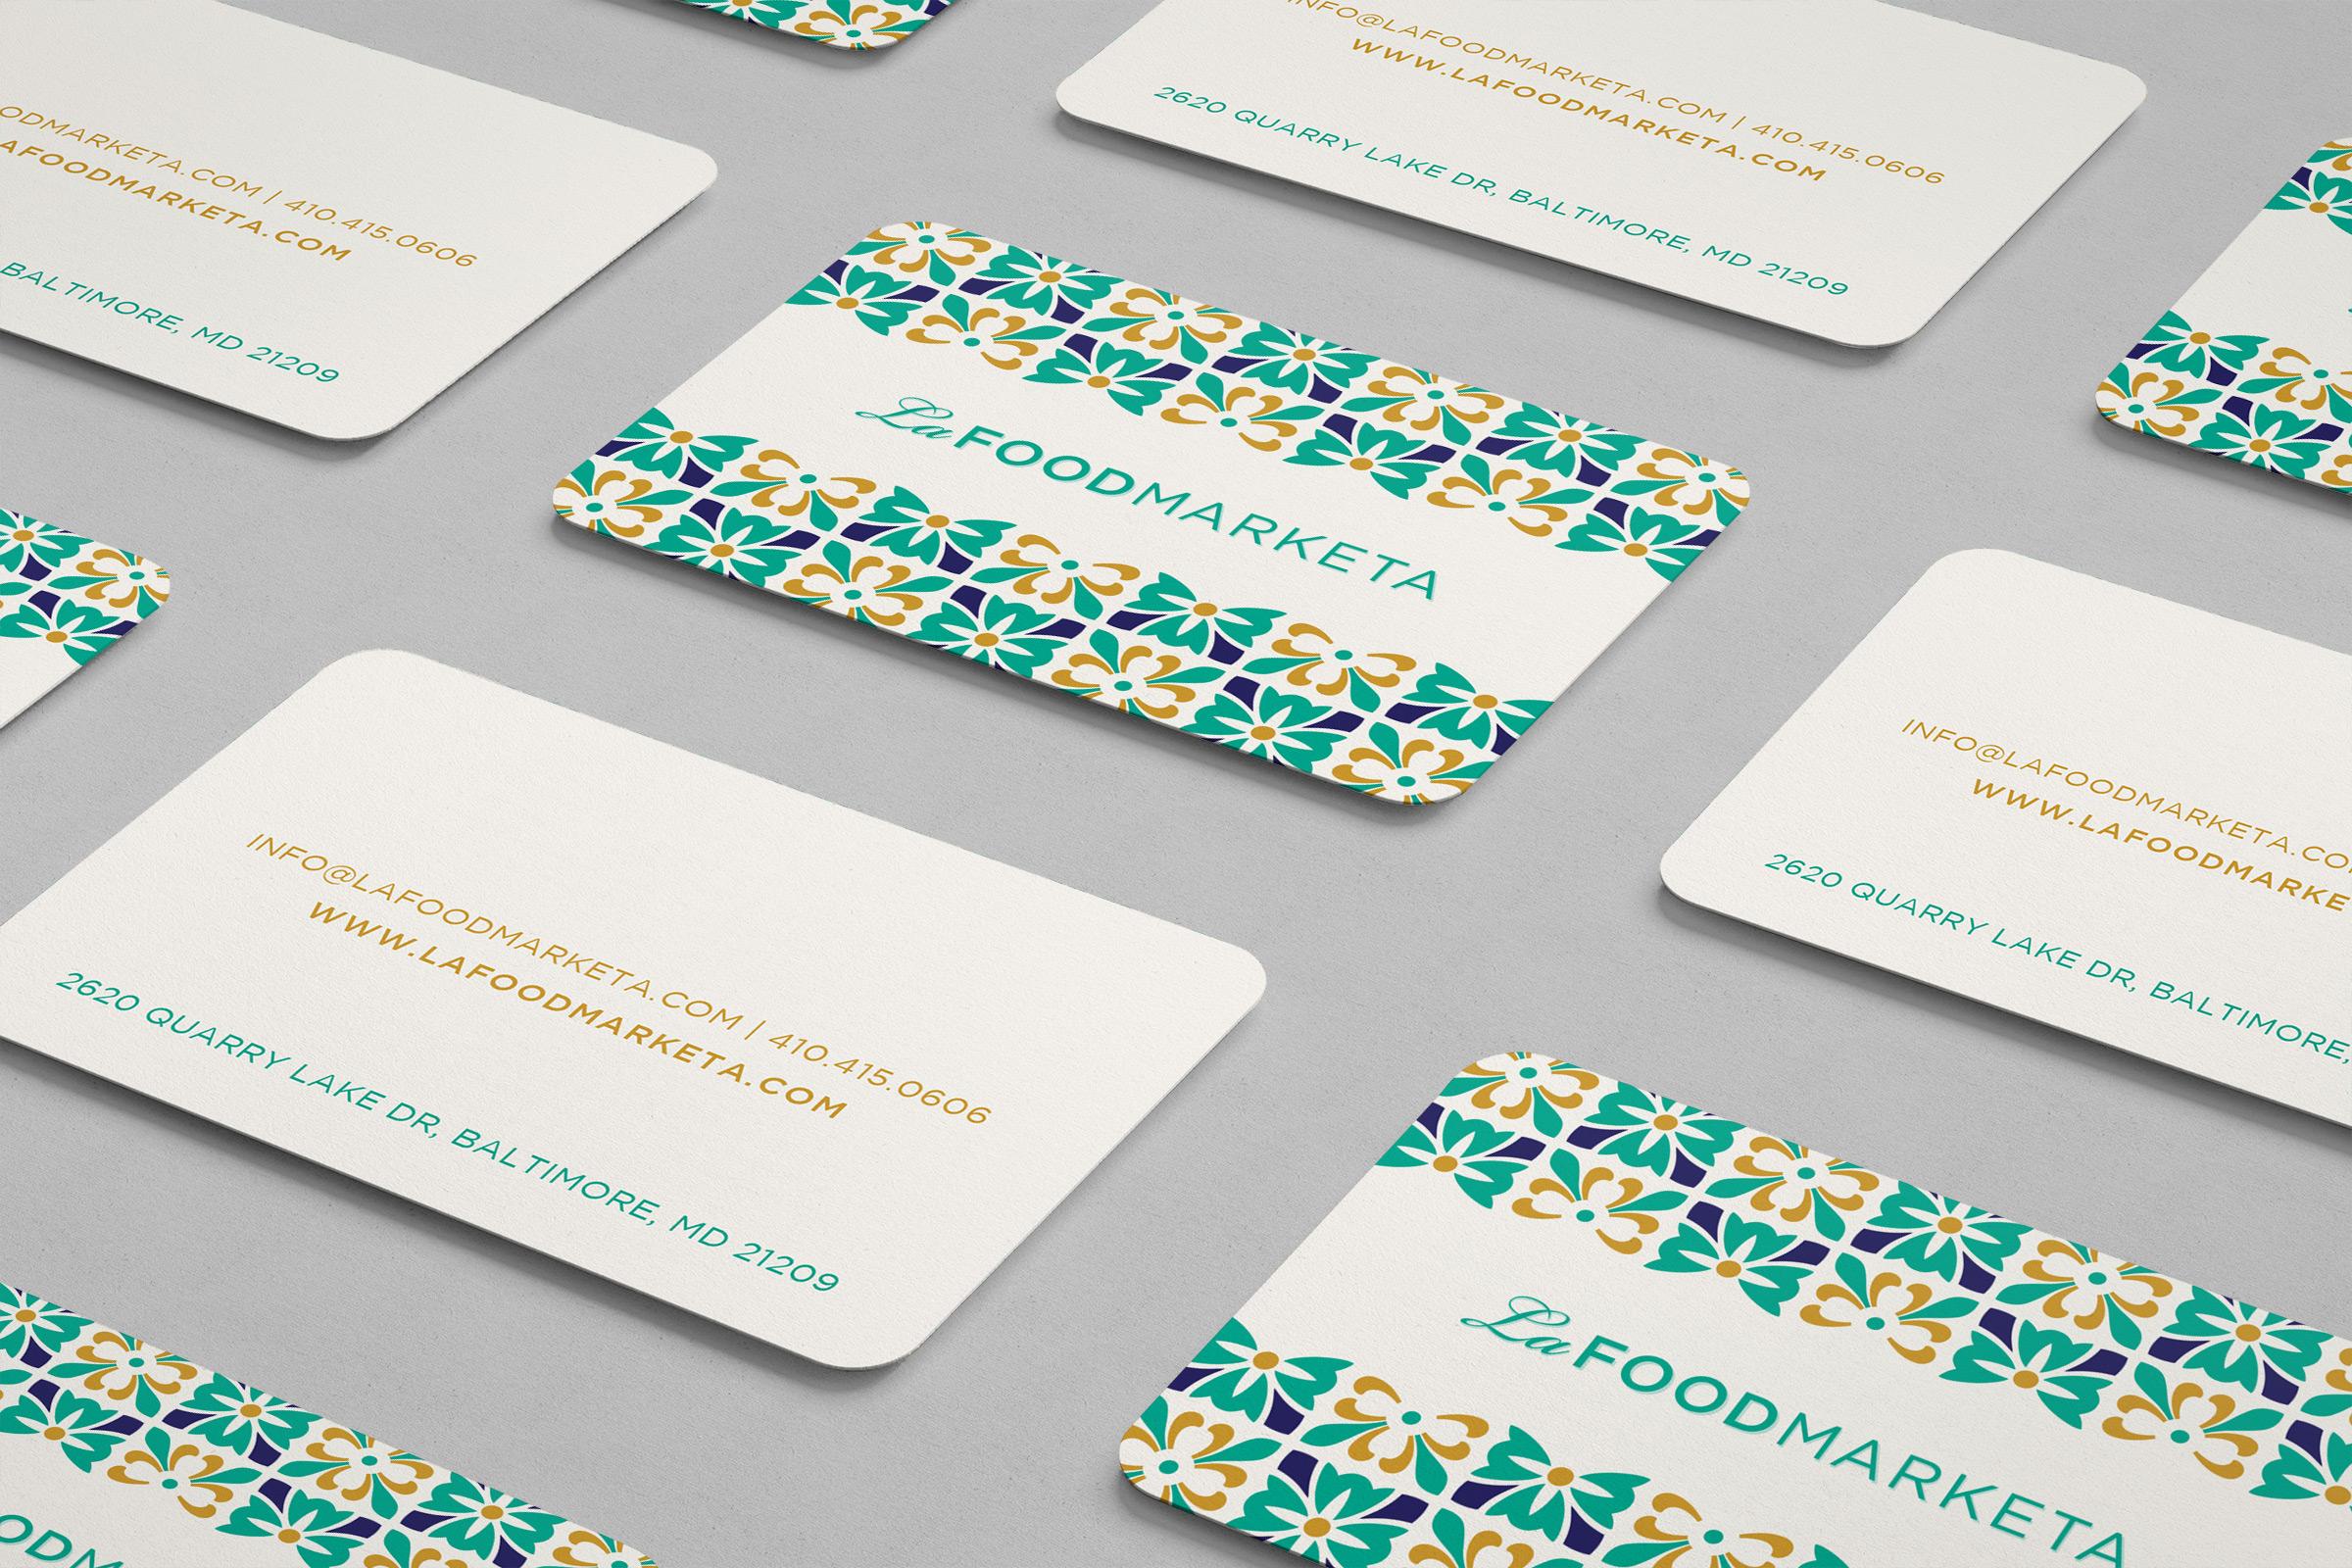 La Food Marketa: Business Card Design